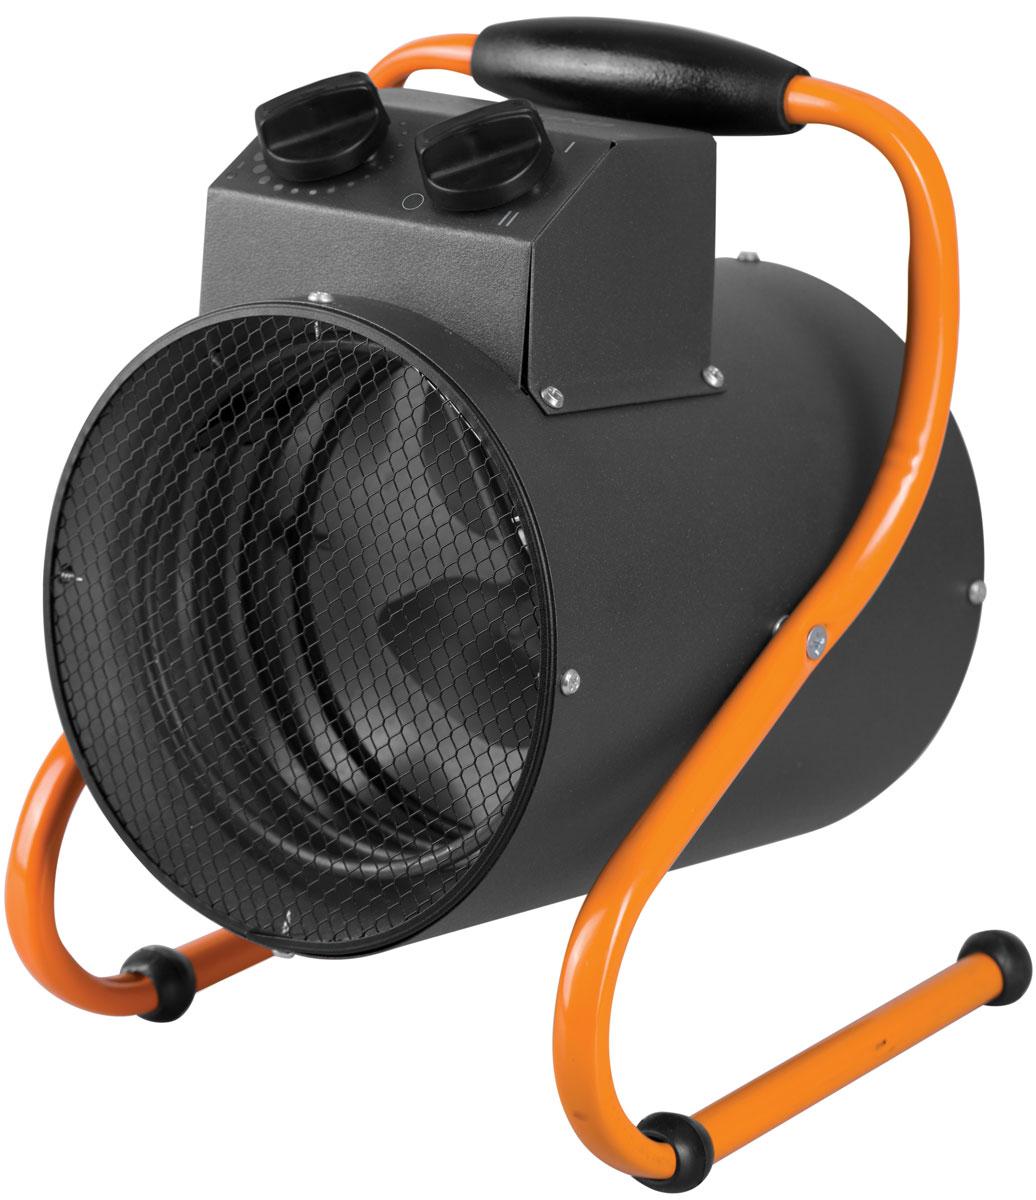 Redmond RFH-4550S тепловентиляторRFH-4550SЕсли вы регулярно работаете в гараже или частной мастерской в холодное время года, хотите поддерживать теплым дачный дом или веранду, где хранится рабочий инвентарь, вам на помощь придет тепловая пушка Redmond RFH-4550S c дистанционным управлением из любой точки мира!Получить доступ ко всем возможностям смарт-тепловой пушки Redmond можно через бесплатное мобильное приложение Ready for Sky со смартфона и планшета. Связав свой личный гаджет со смарт обогревателем, вы сможете:Дистанционно включать и выключать пушку, когда вам будет удобно – например, незадолго до приезда в мастерскую или для периодического протапливания помещений, чтобы предупредить порчу техники или мебели из-за влажности или низких температур;Задать таймер включения умной тепловой пушки Redmond RFH-4550S или создать расписание работы по календарю – прибор будет включаться в определенные часы, чтобы к приходу людей в помещении была комфортная температура.Тепловая пушка RFH-4550S способна обогреть помещение до 20 м2. Также Redmond RFH-4550S можно использовать в качестве мощного вентилятора.Стандарт передачи данных: Bluetooth v 4.0 Минимальная поддерживаемая версия: Android 4.4 KitKat или вышеМинимальная поддерживаемая версия iOS: 8.0